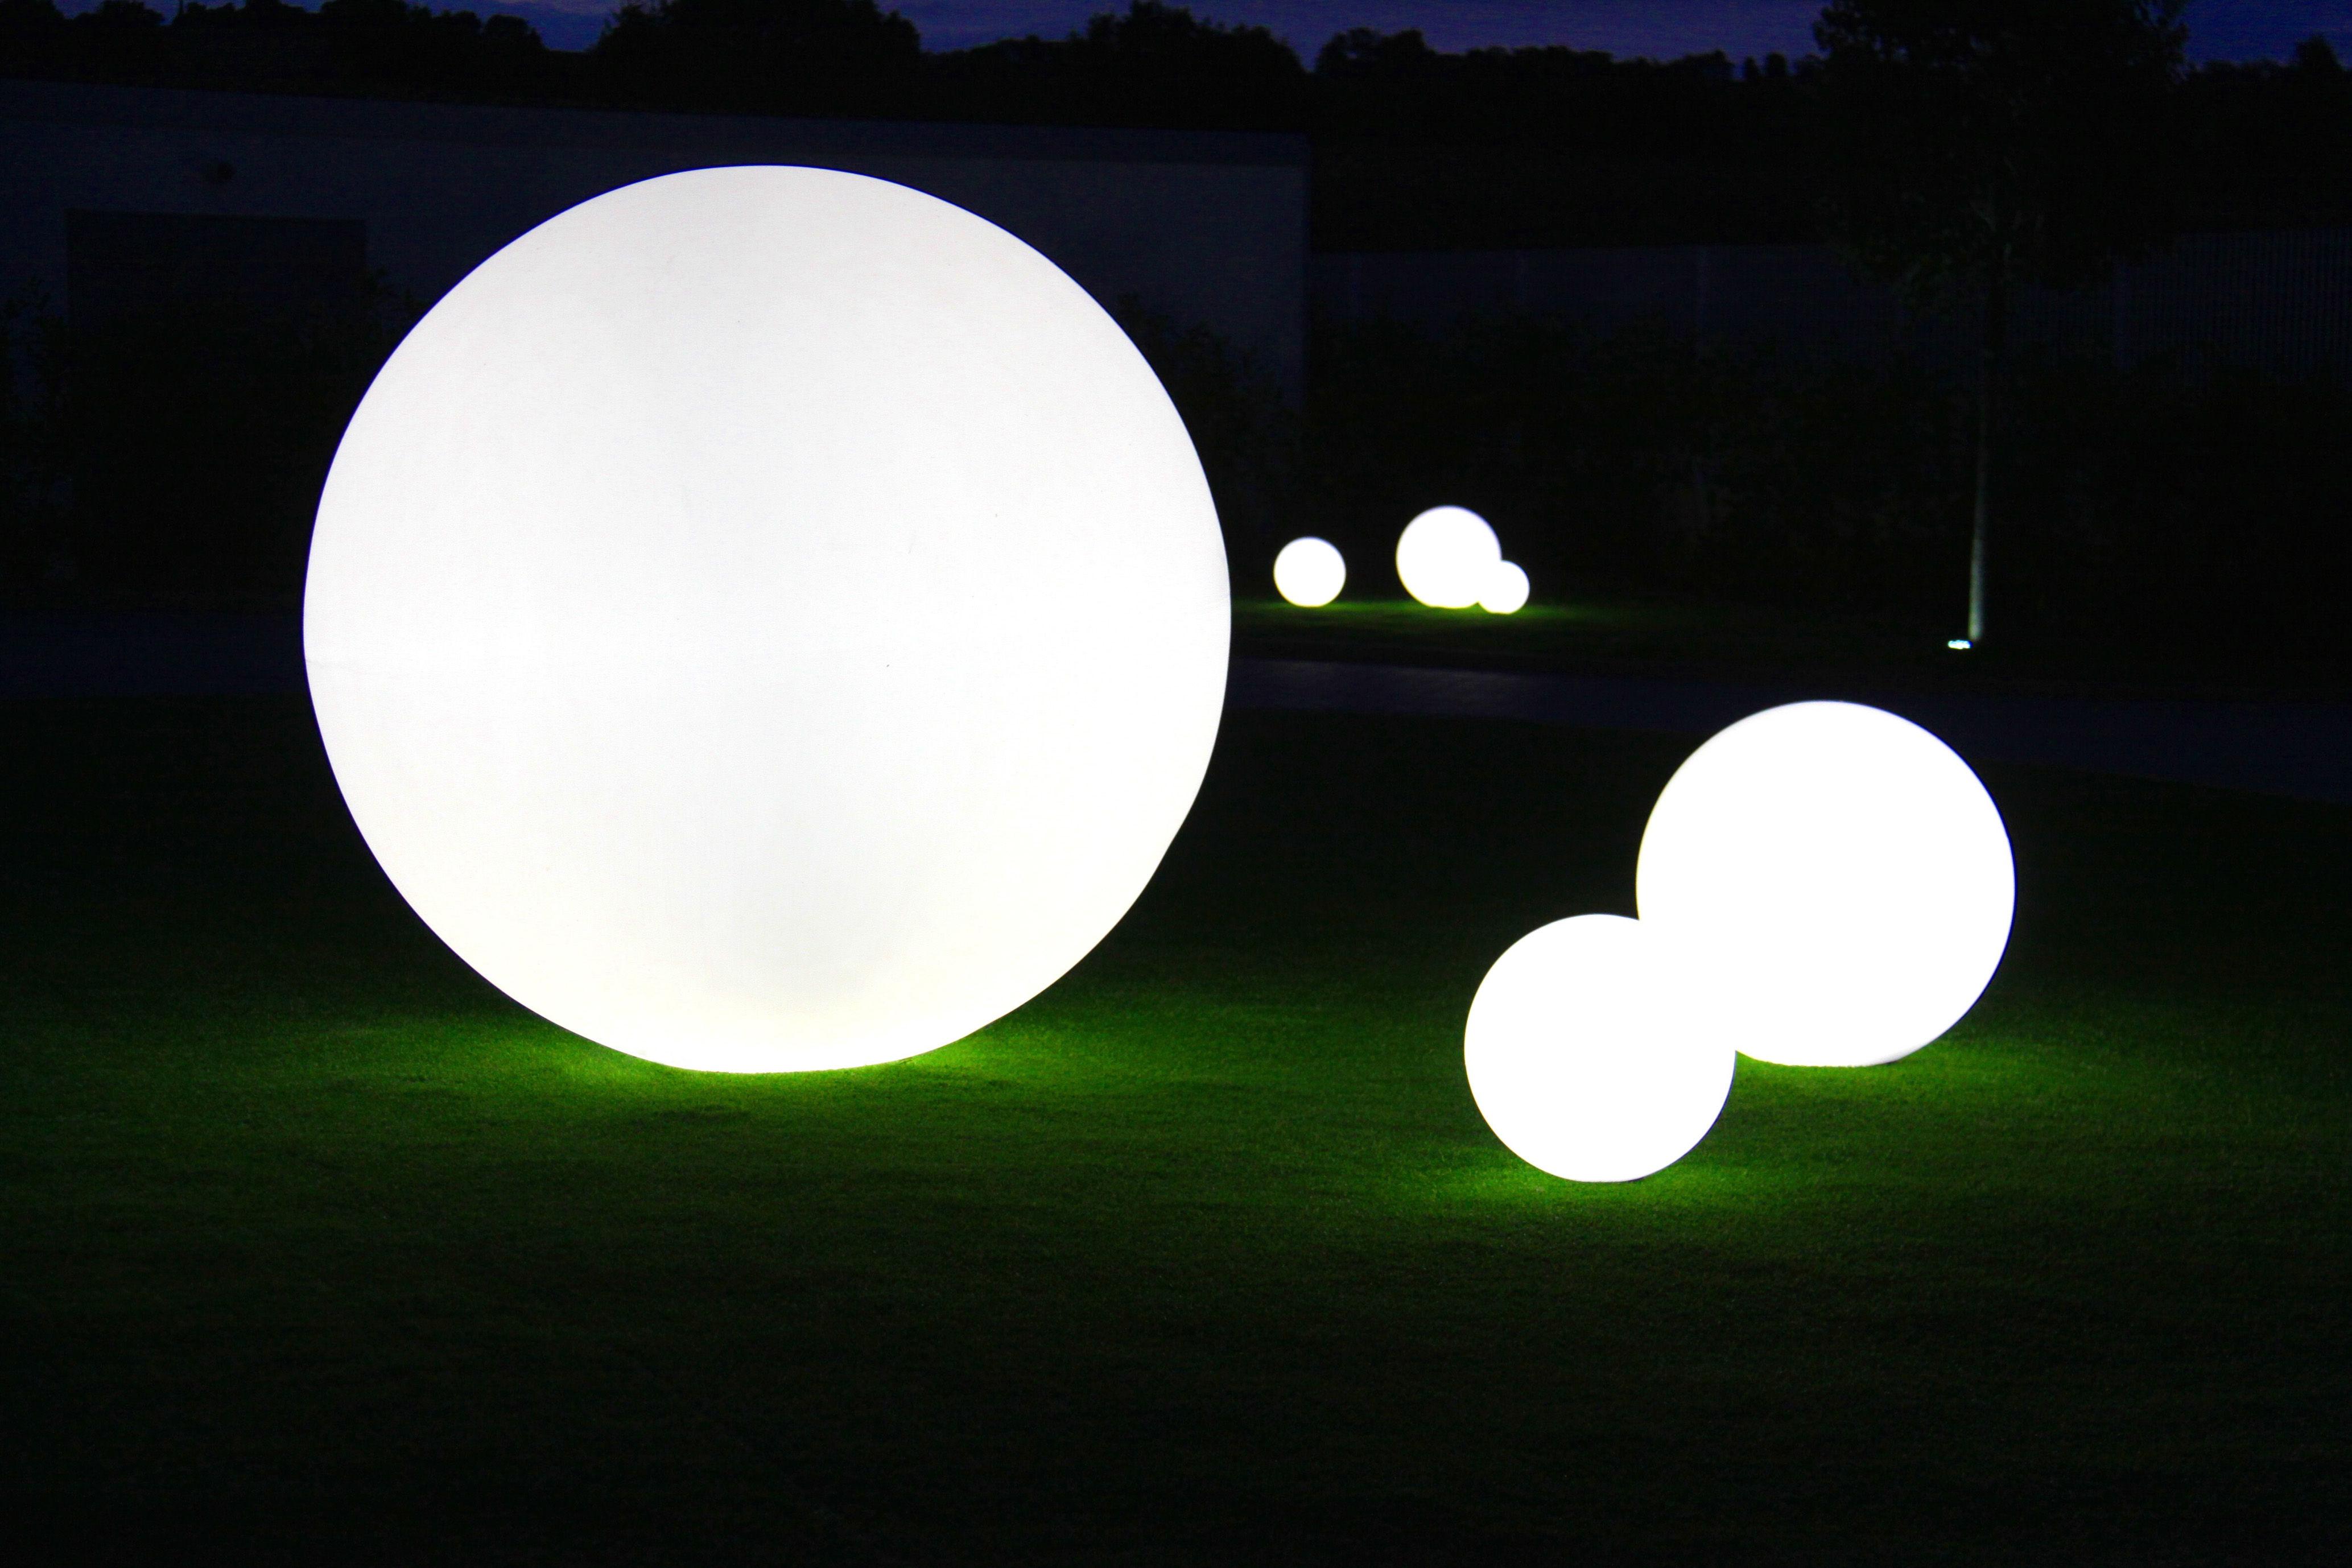 Lampade Globo A Basso Consumo : Scopri lampada senza fili globo outdoor led Ø cm per l